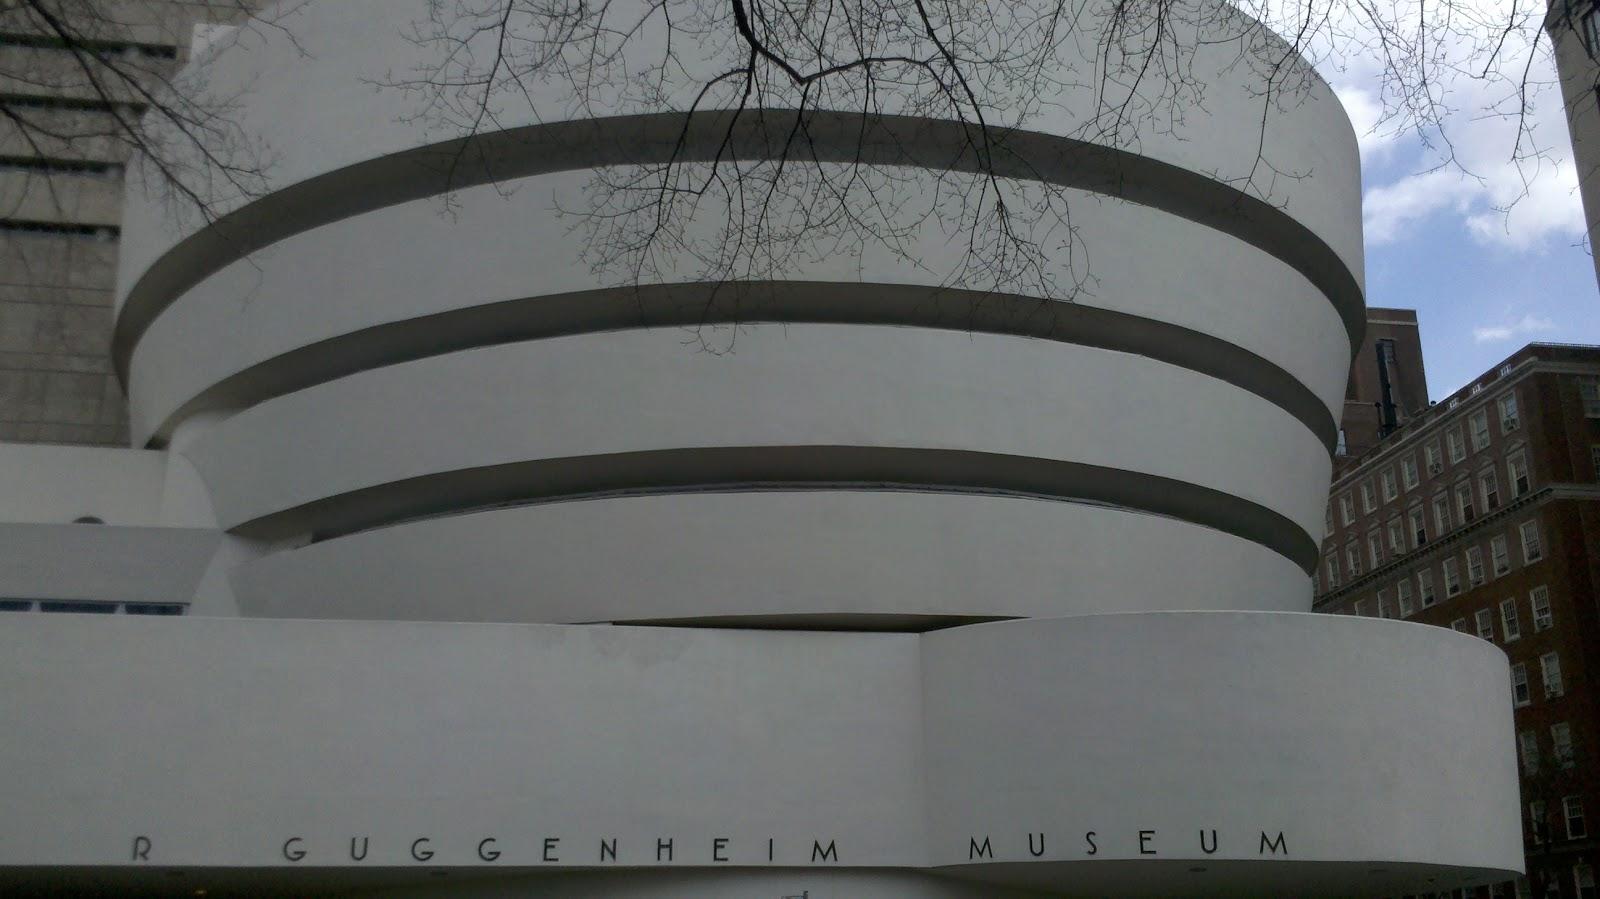 guggenheim museum 5 - photo #23